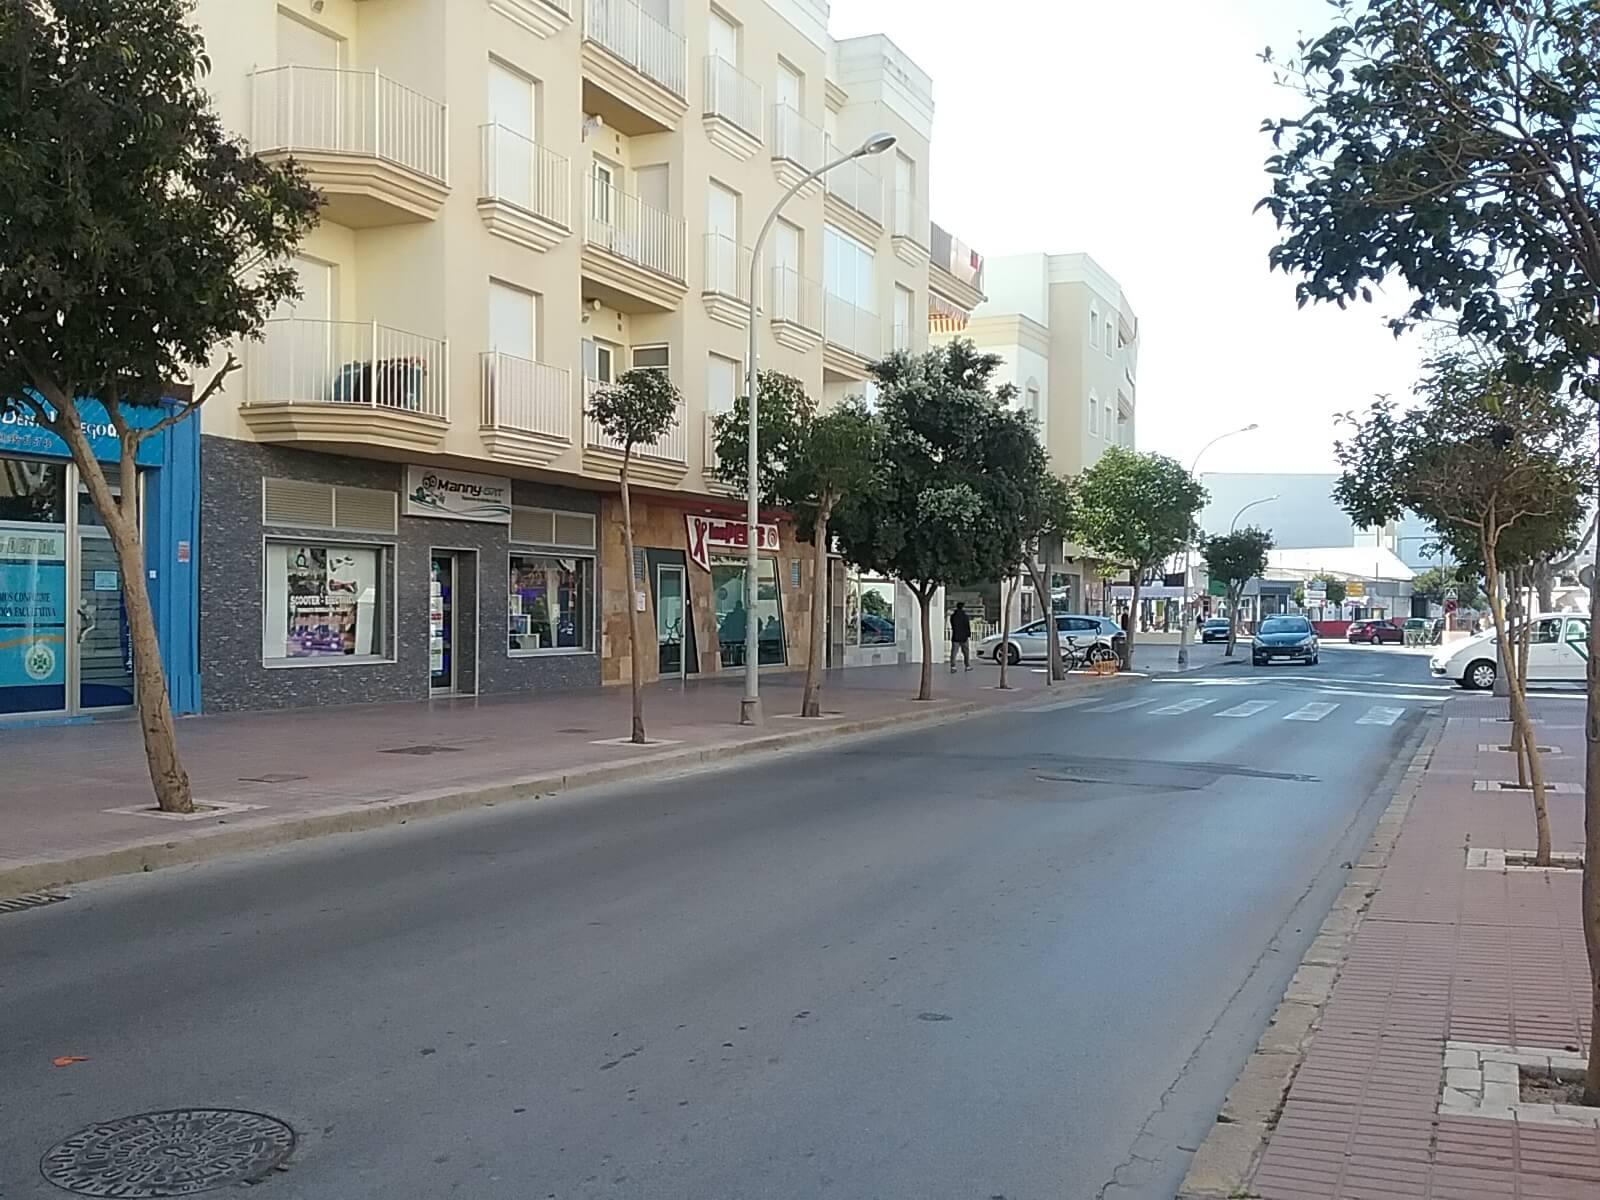 Local avenida san fernando marta castellano inmobiliaria en rota alquiler y venta de pisos - Inmobiliaria san fernando pisos de bancos ...